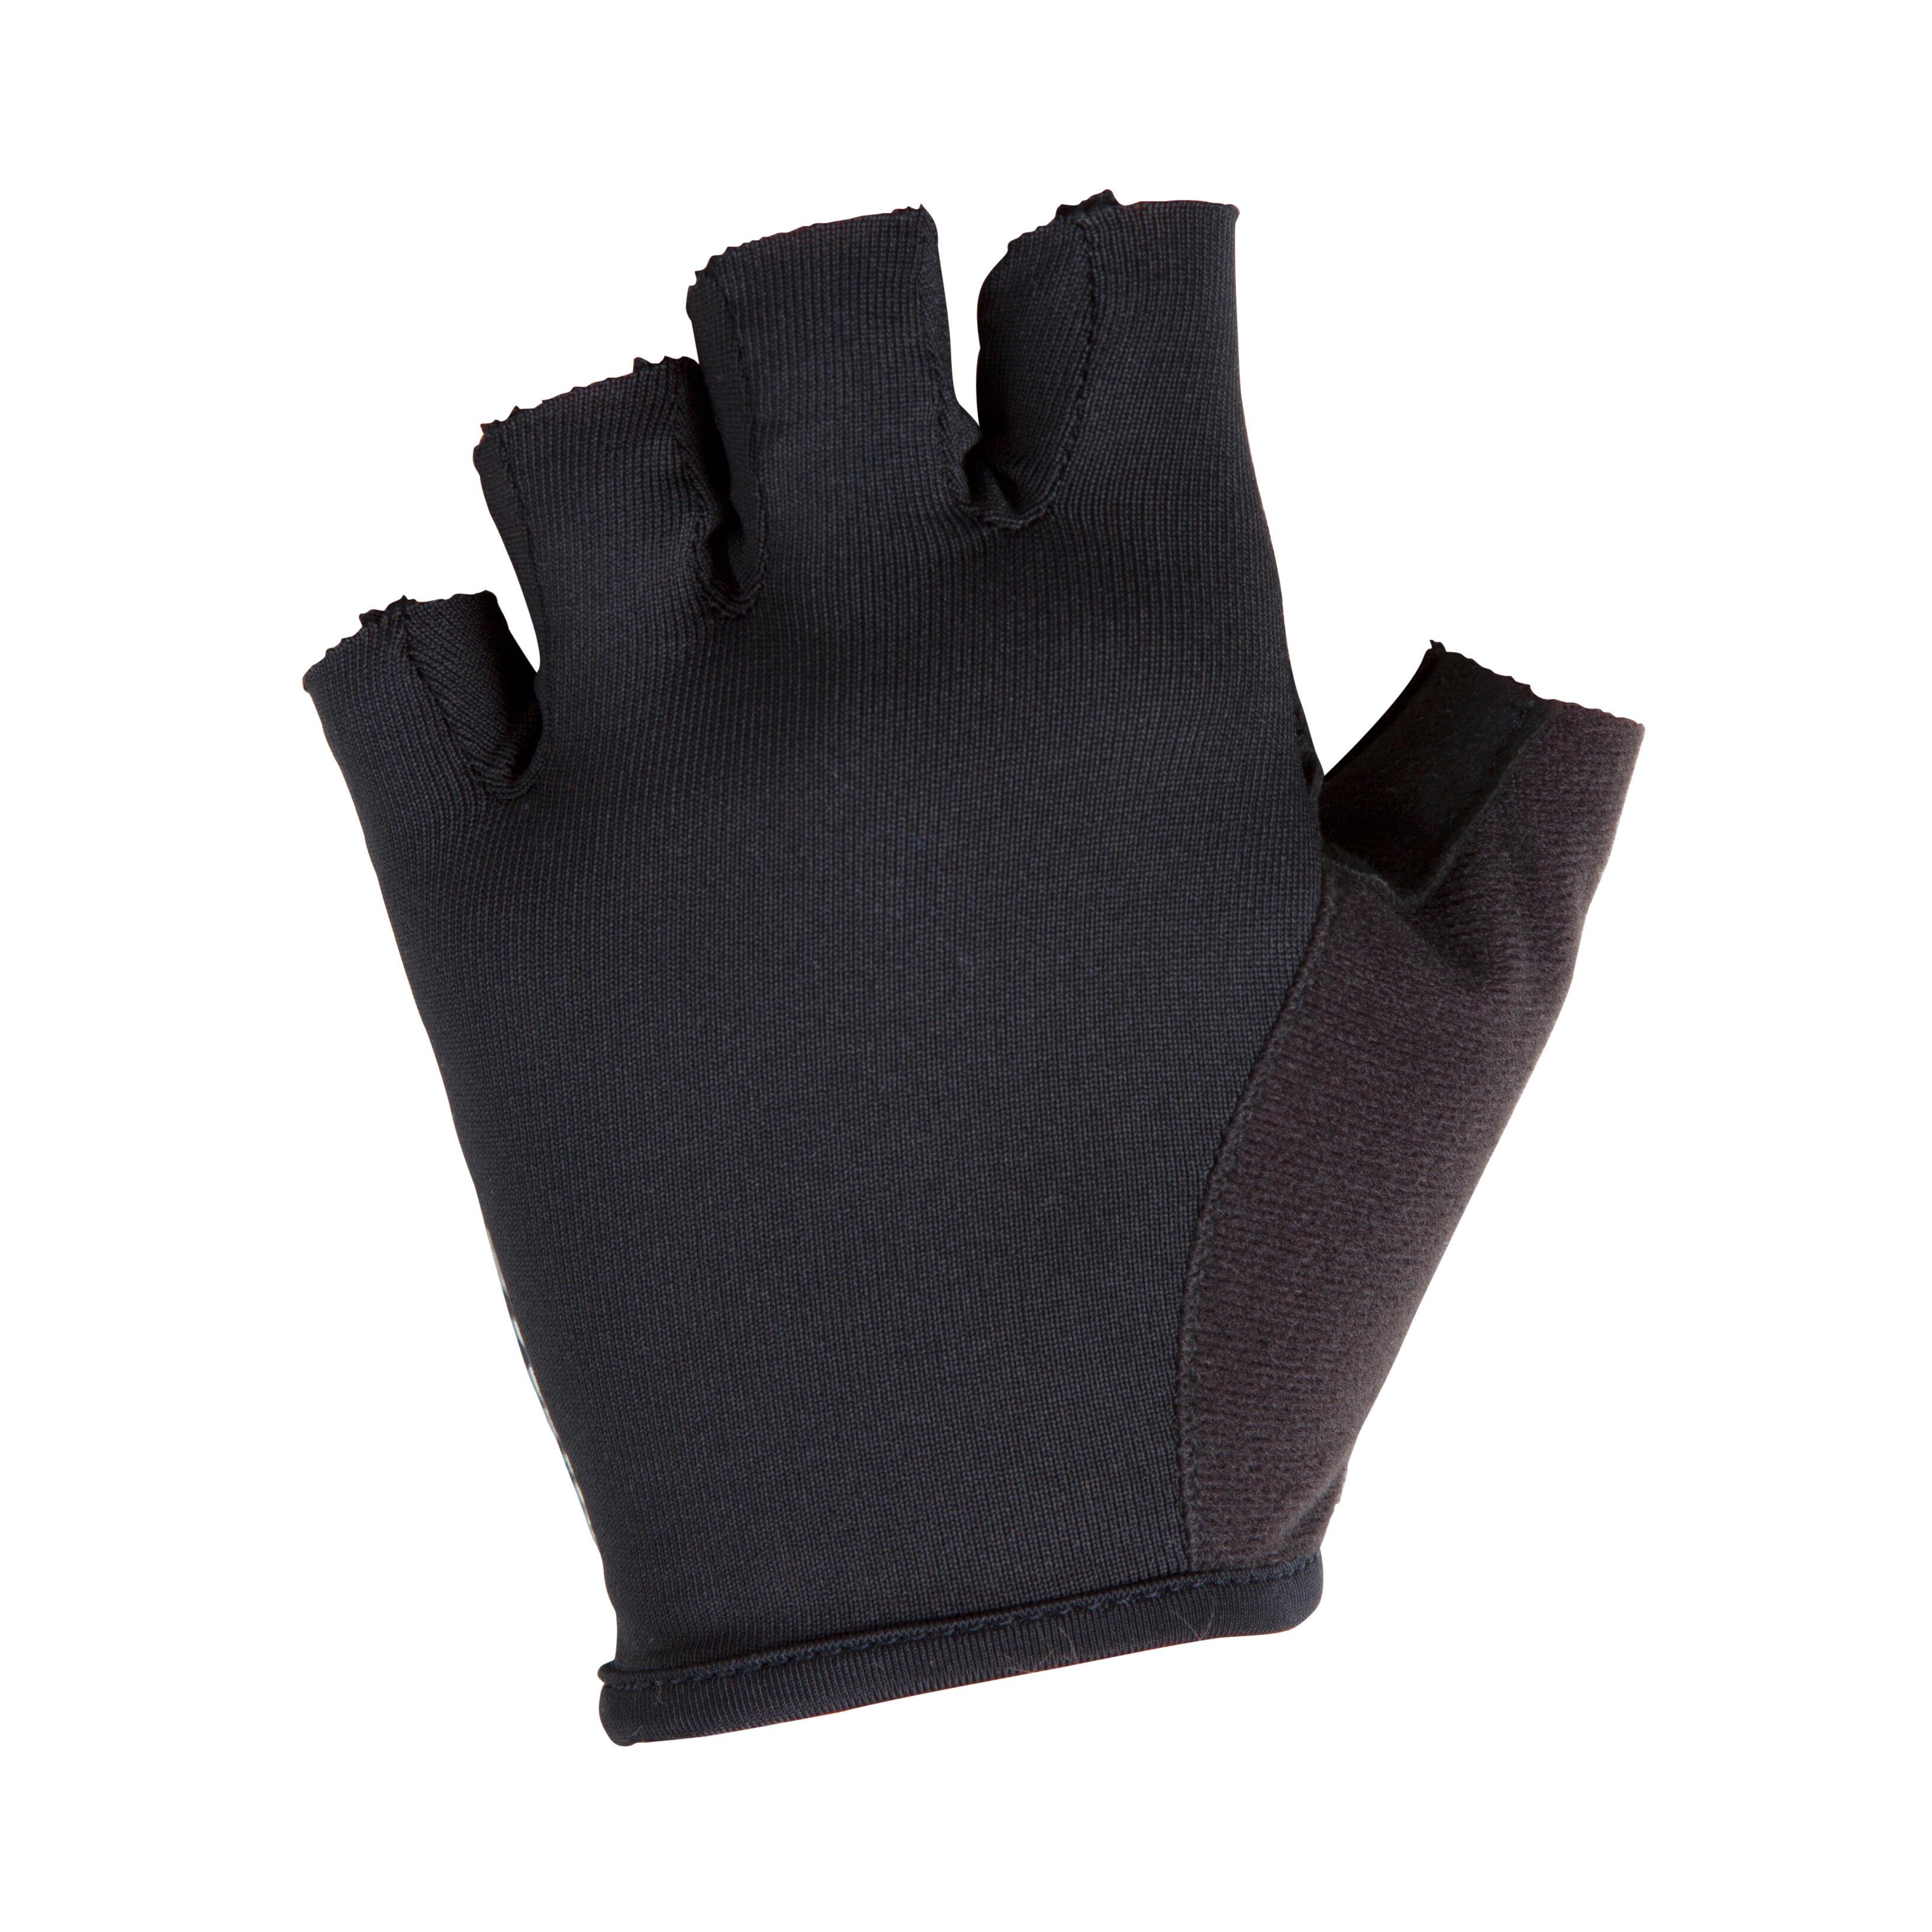 Rabatt bis zu 60% heiß-verkaufendes echtes erstklassiger Profi Fahrrad Handschuhe | schnell & einfach Online bestellen | B ...